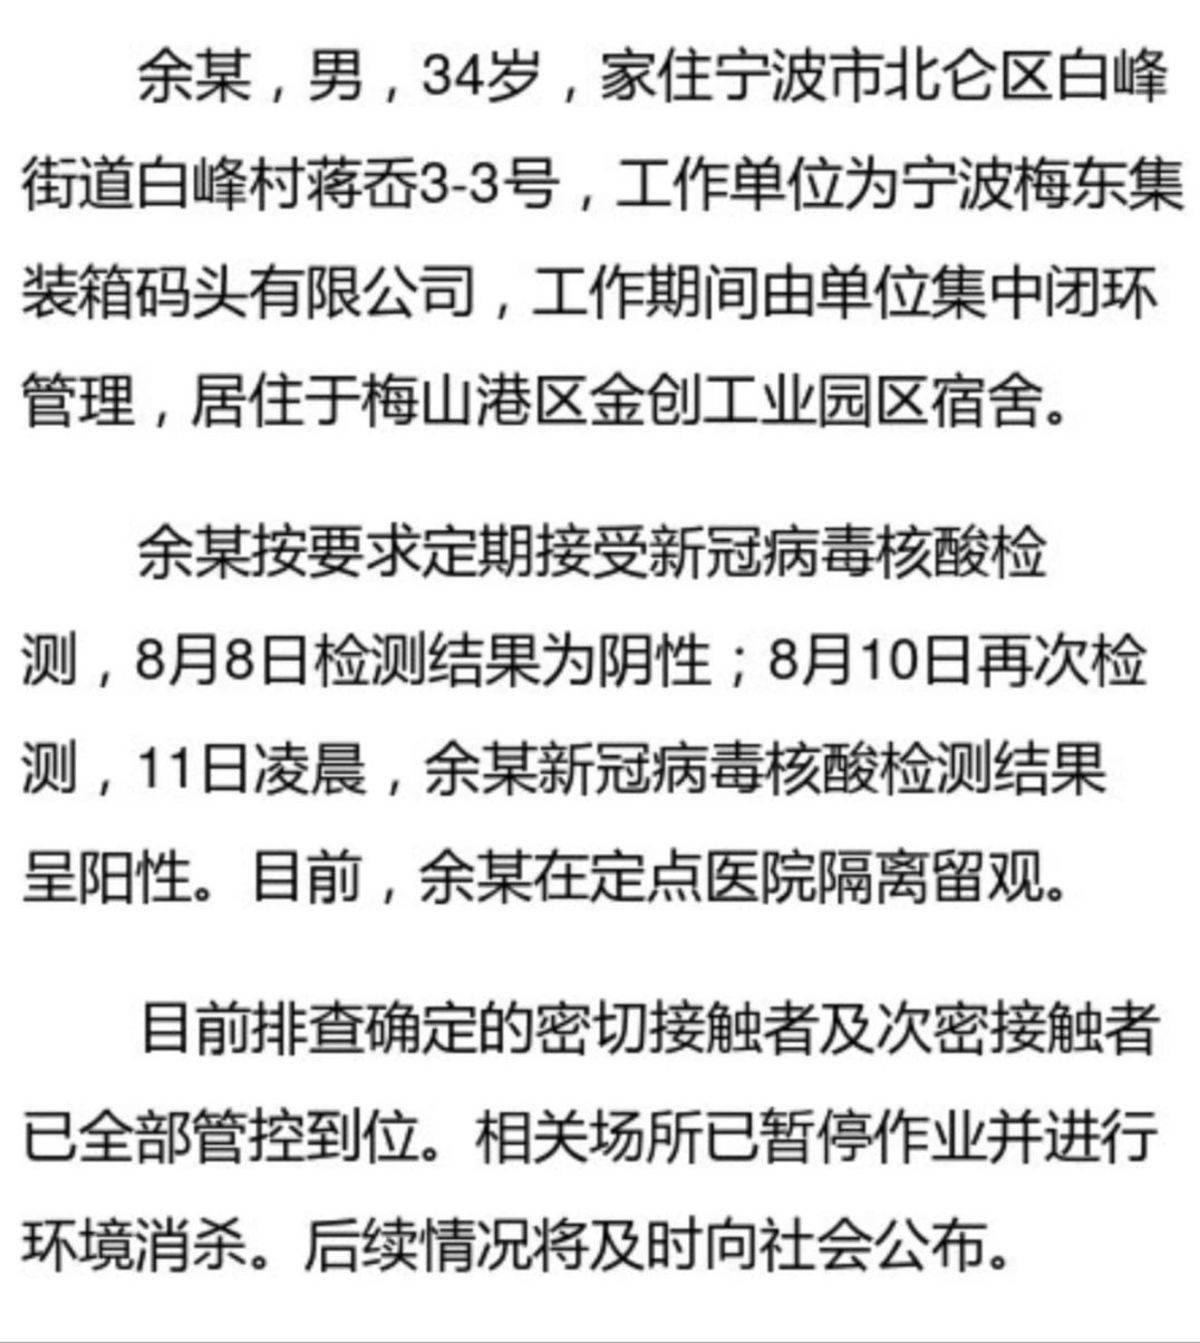 宁波舟山港发现一例新冠病例出口业务受影响